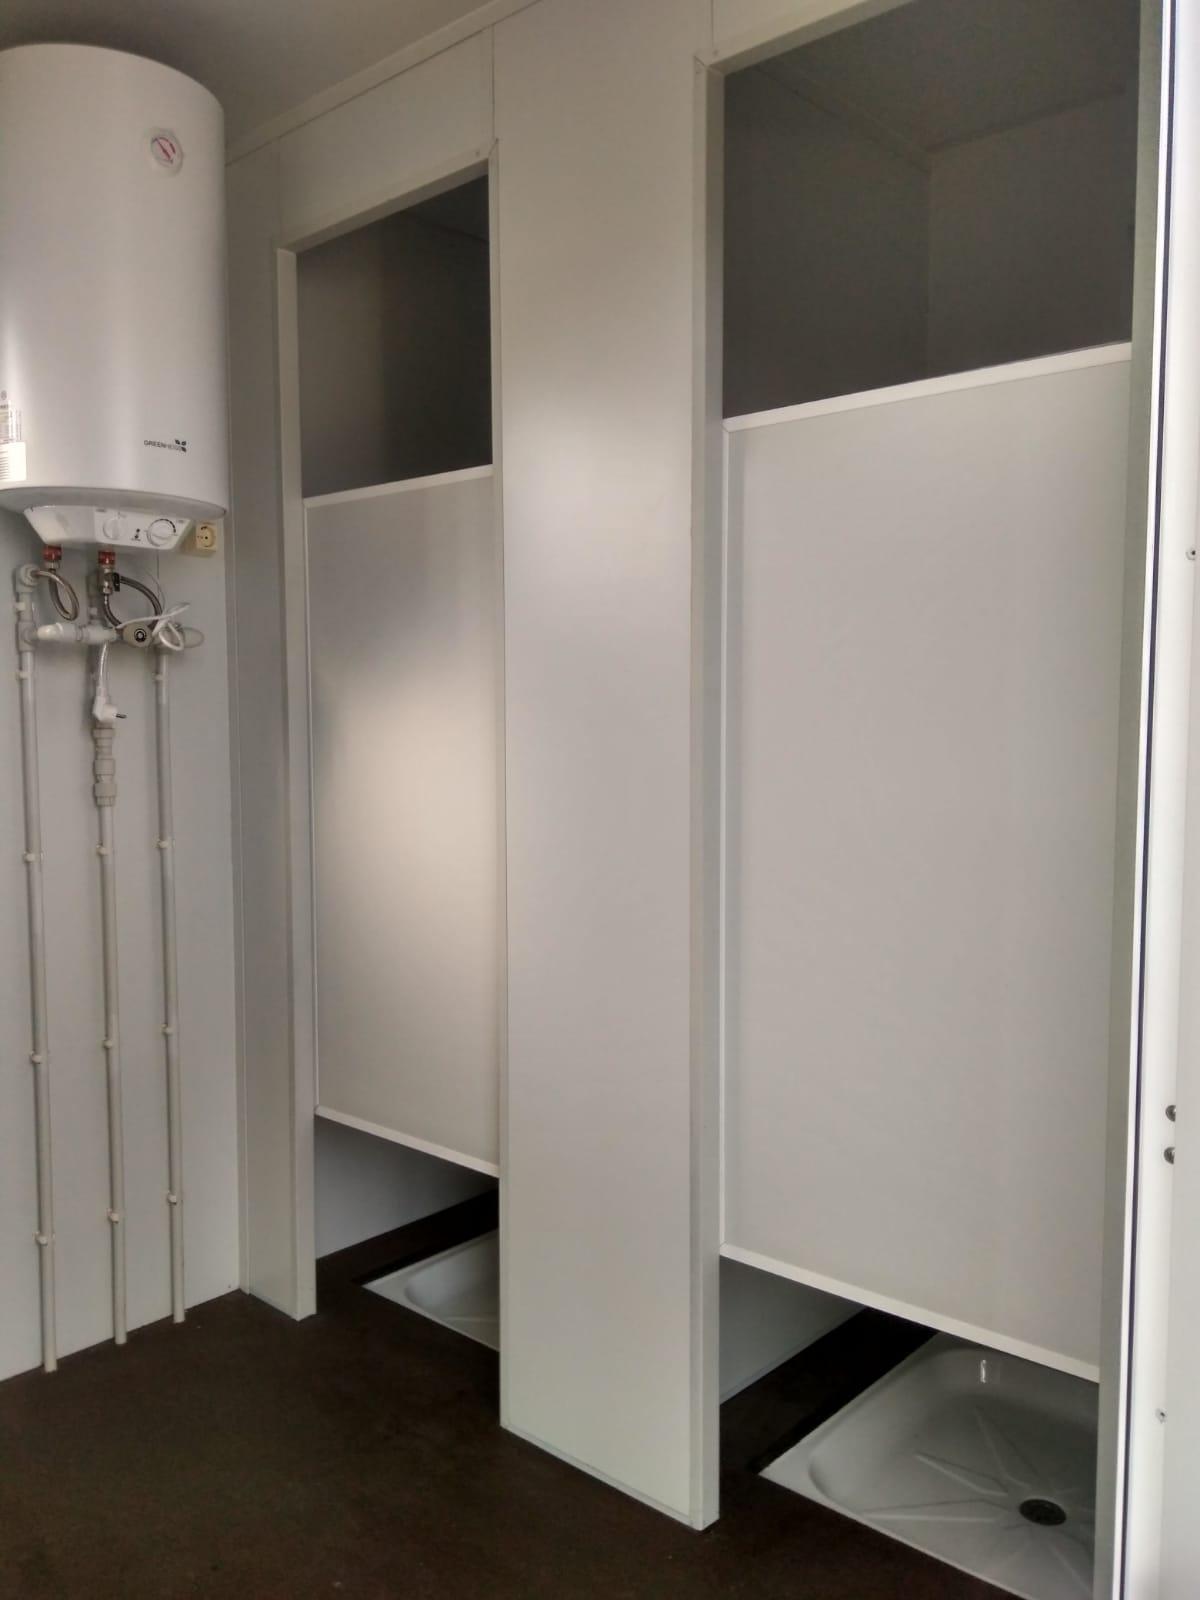 Caseta Precusa P-4PS 2 duchas 2 baños